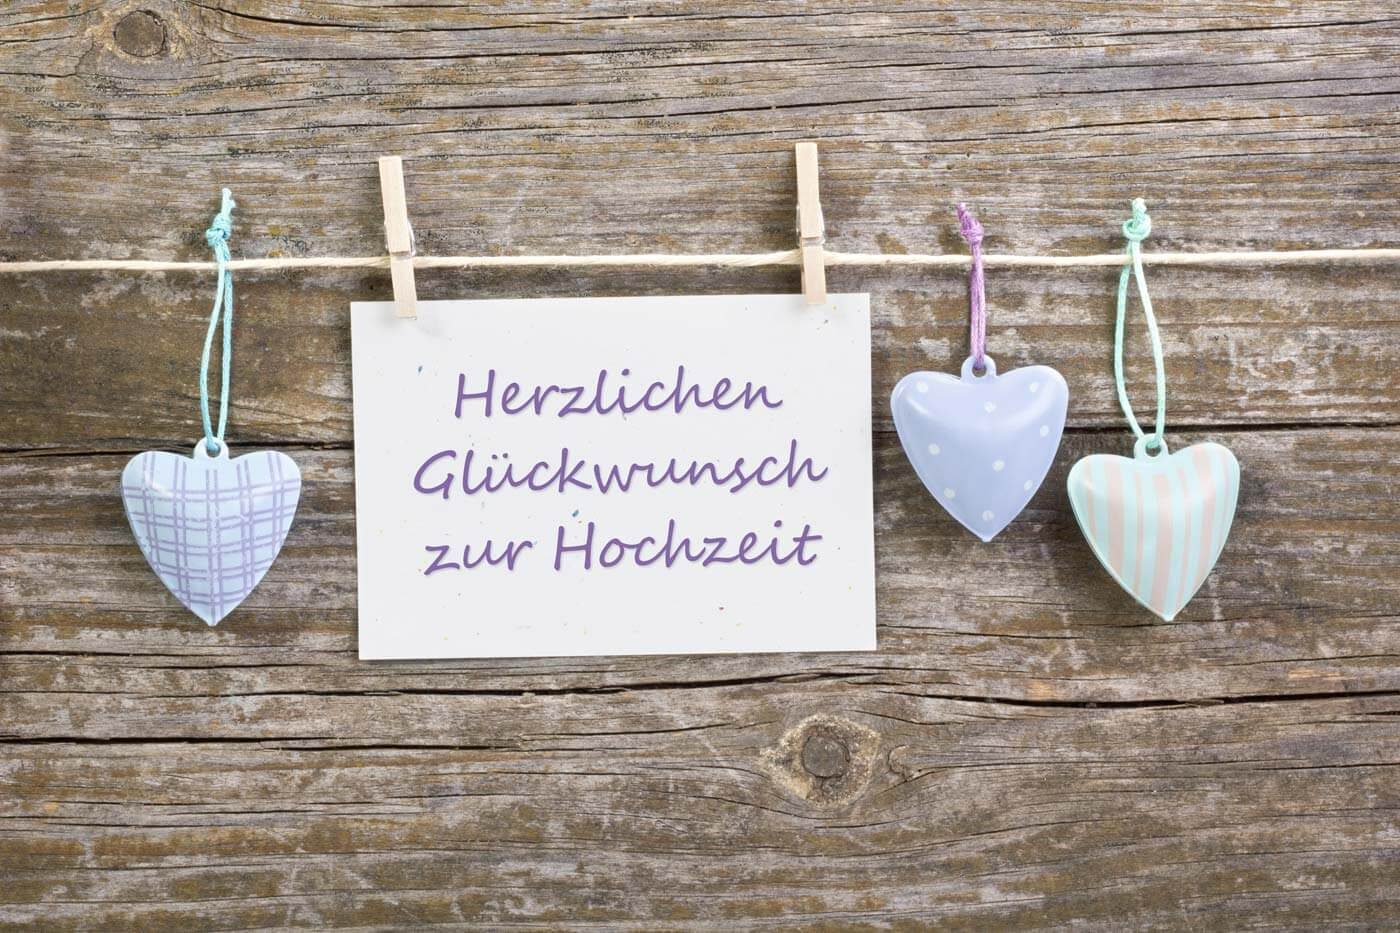 Hochzeitsglückwünsche Schöne Texte Beispiele Ideen